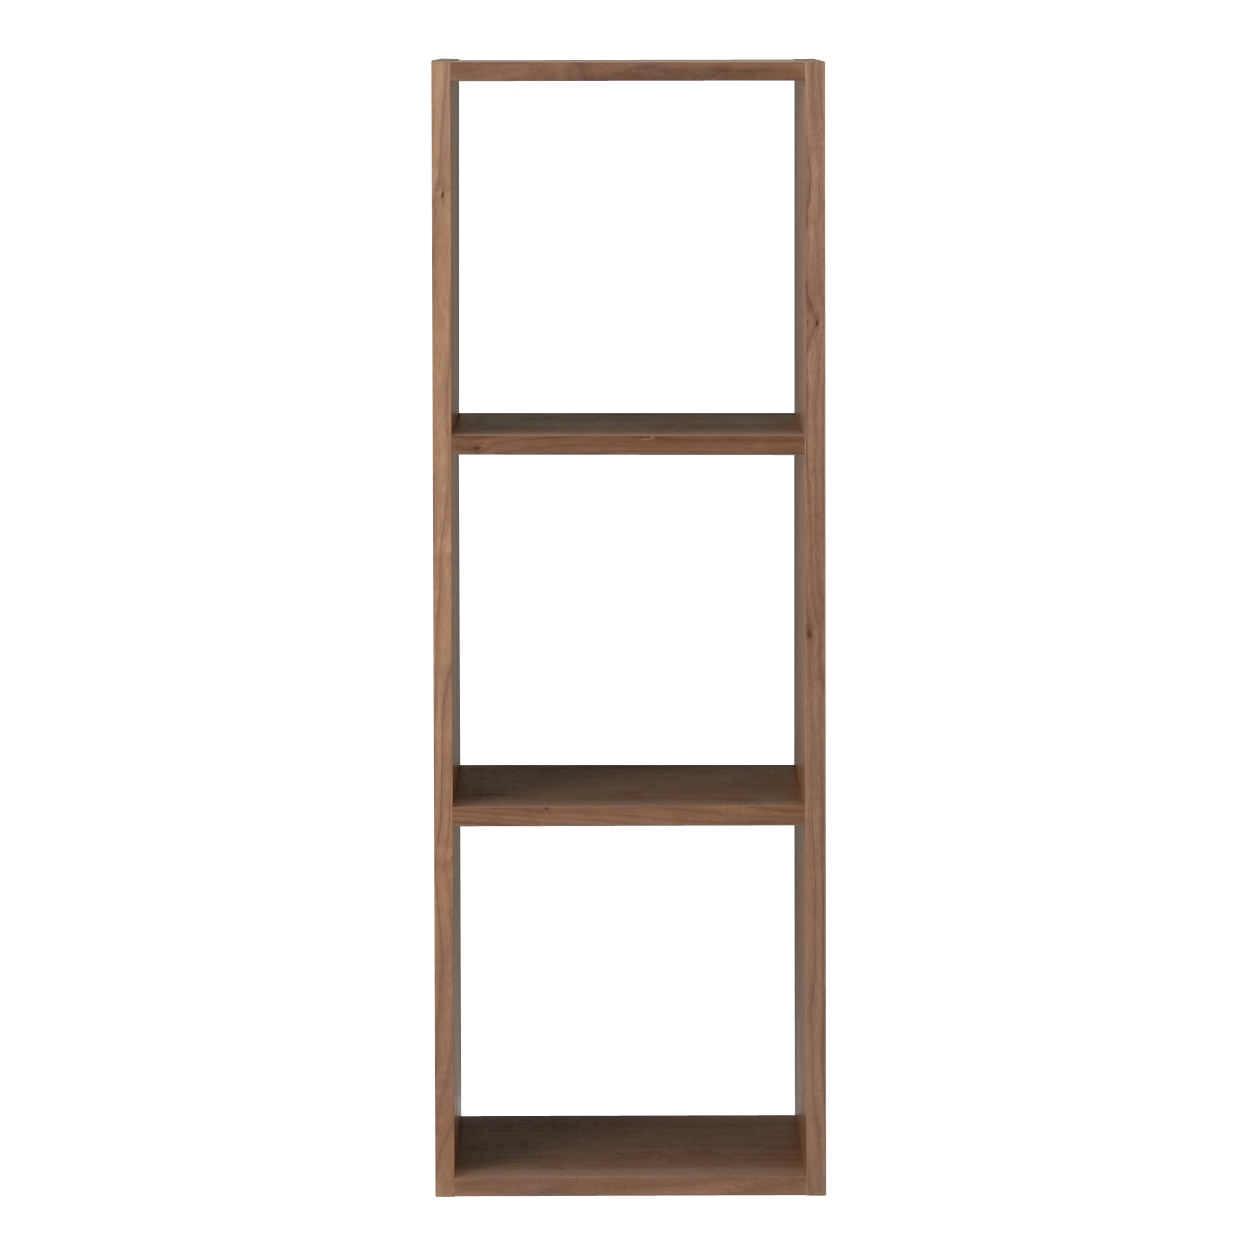 RoomClip商品情報 - スタッキングシェルフ・3段・ウォールナット材